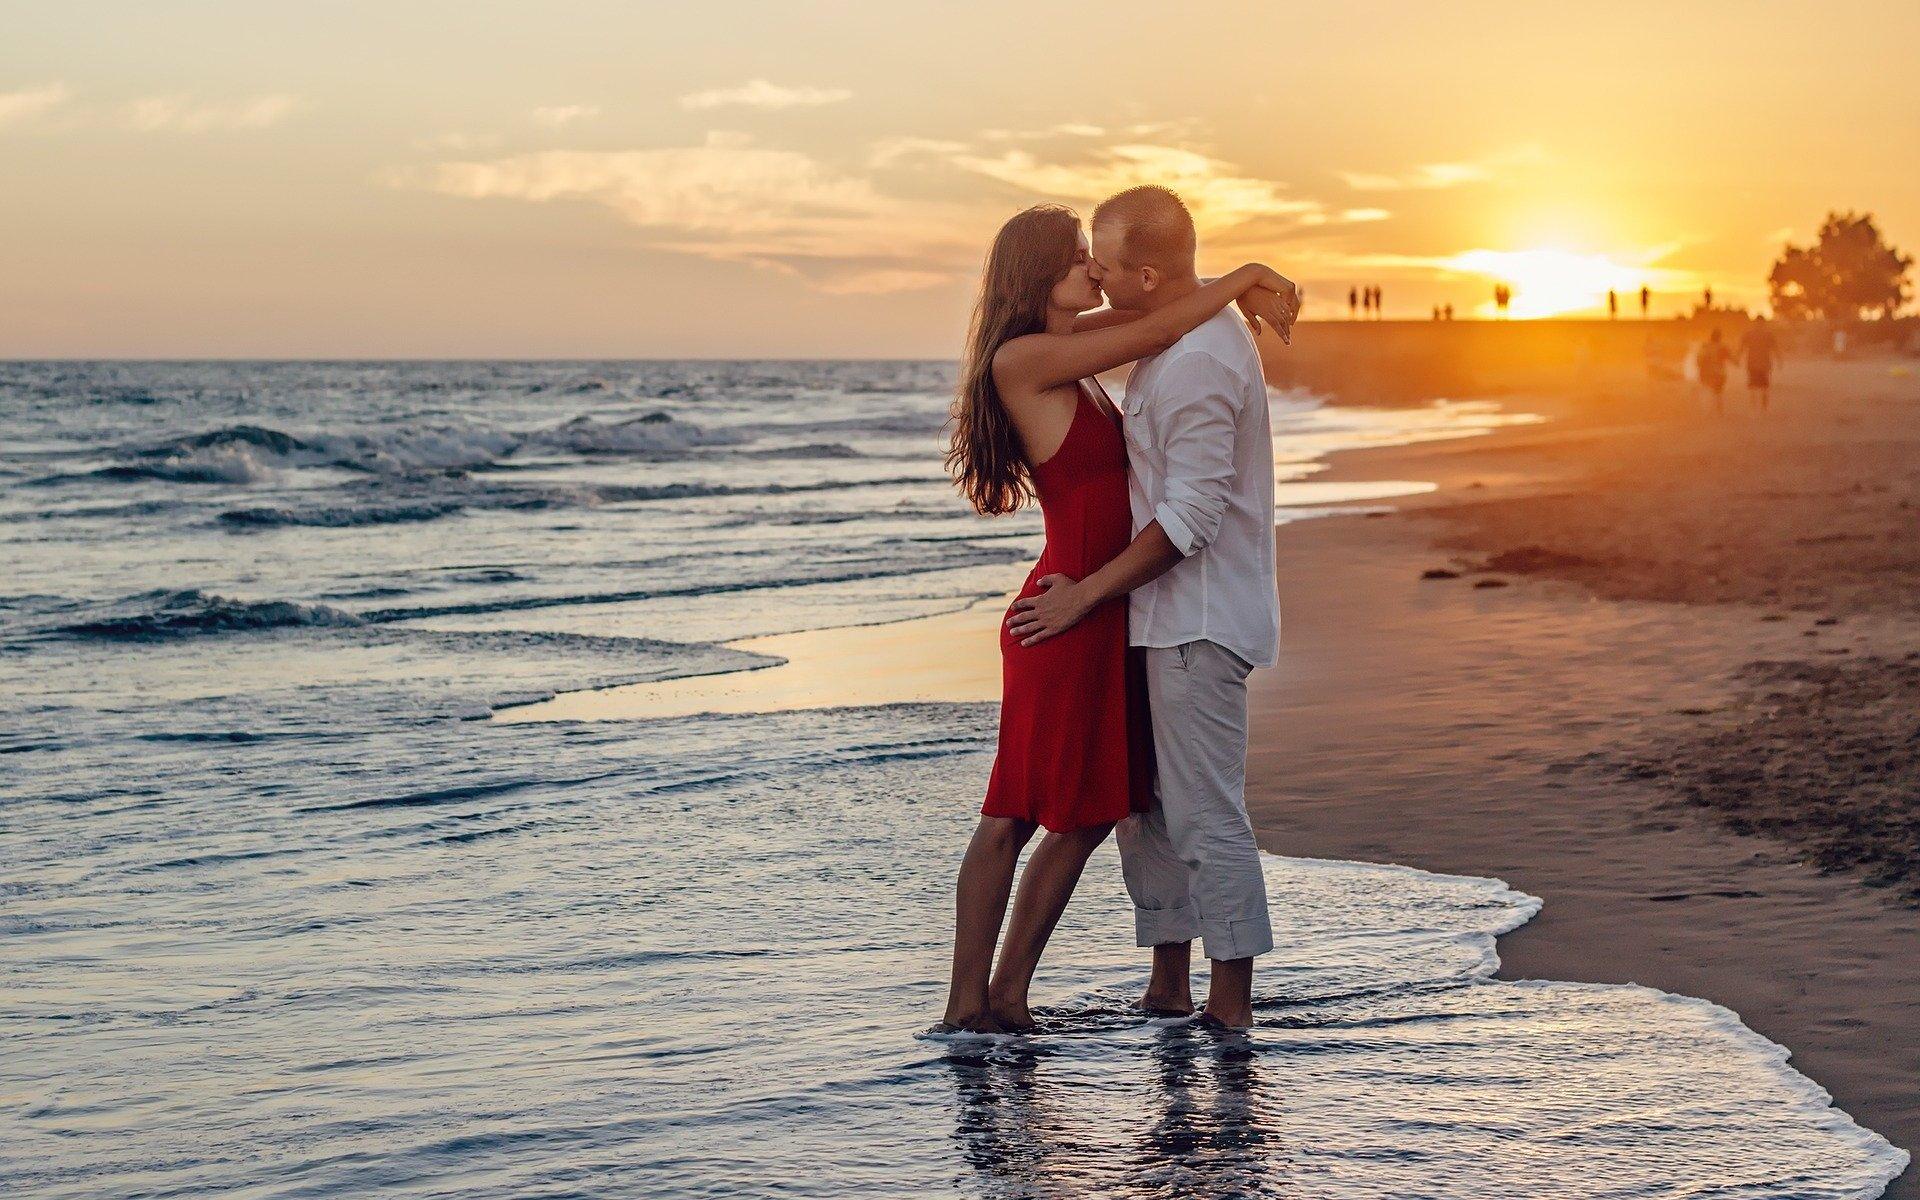 【無料相性占いアリ】恋愛相性の良いカップルの特徴から相性を見極める方法まで